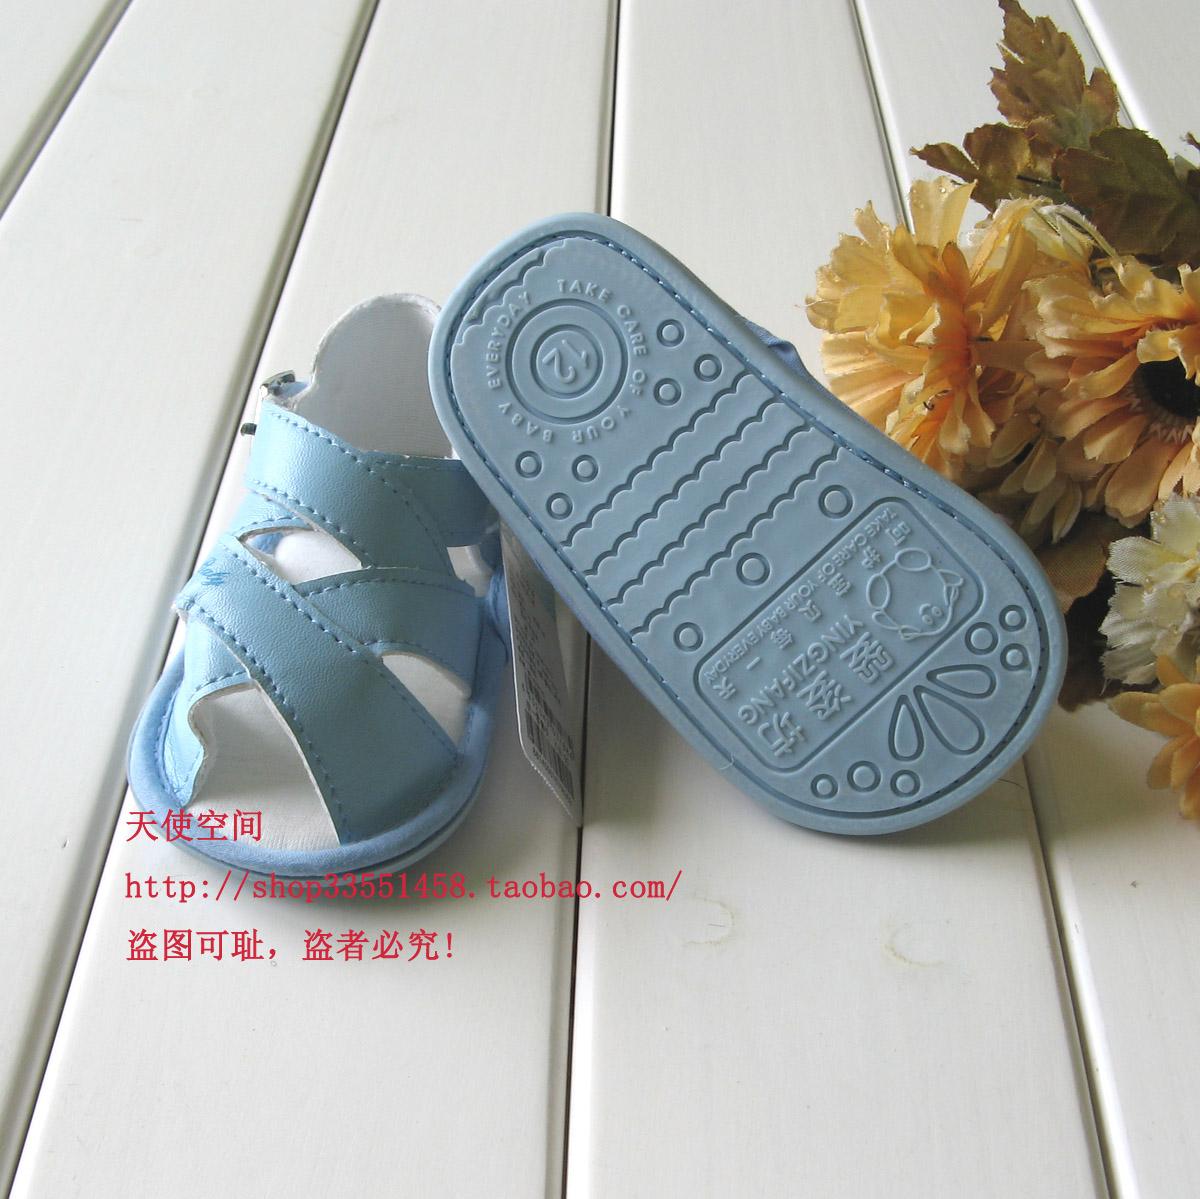 5折特价清仓婴姿坊767婴儿鞋 夏凉鞋 防滑学步鞋 内长11-12蓝